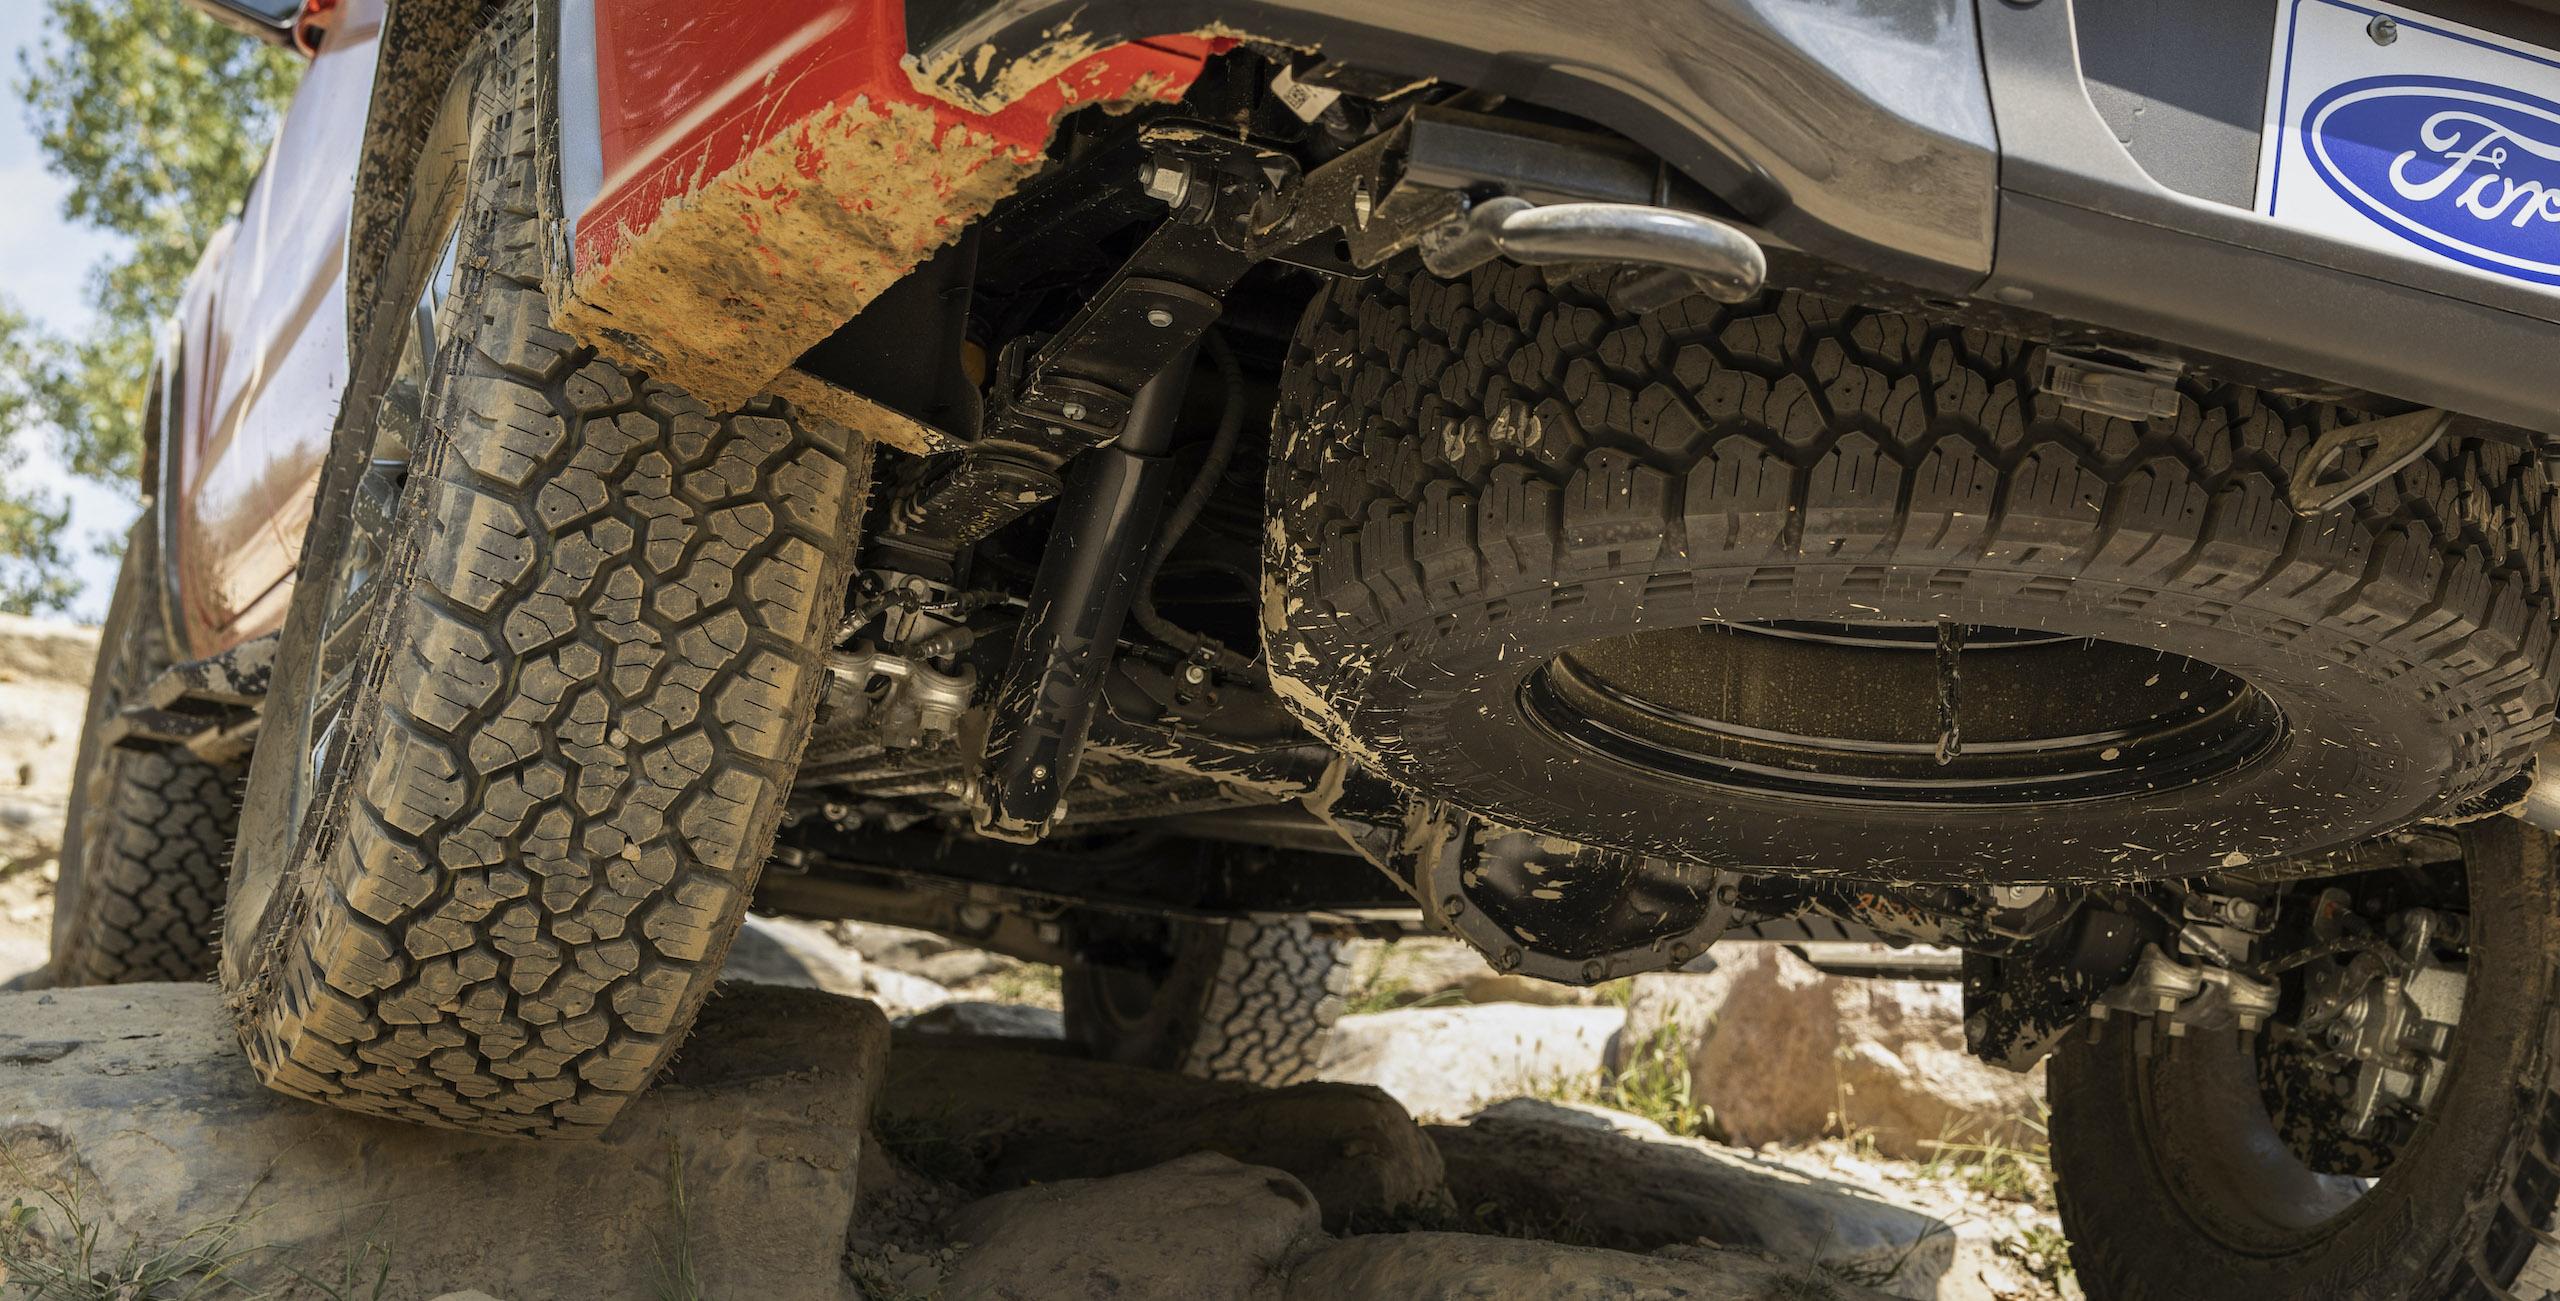 Ranger Tremor Lariat underside rear spare tire suspension